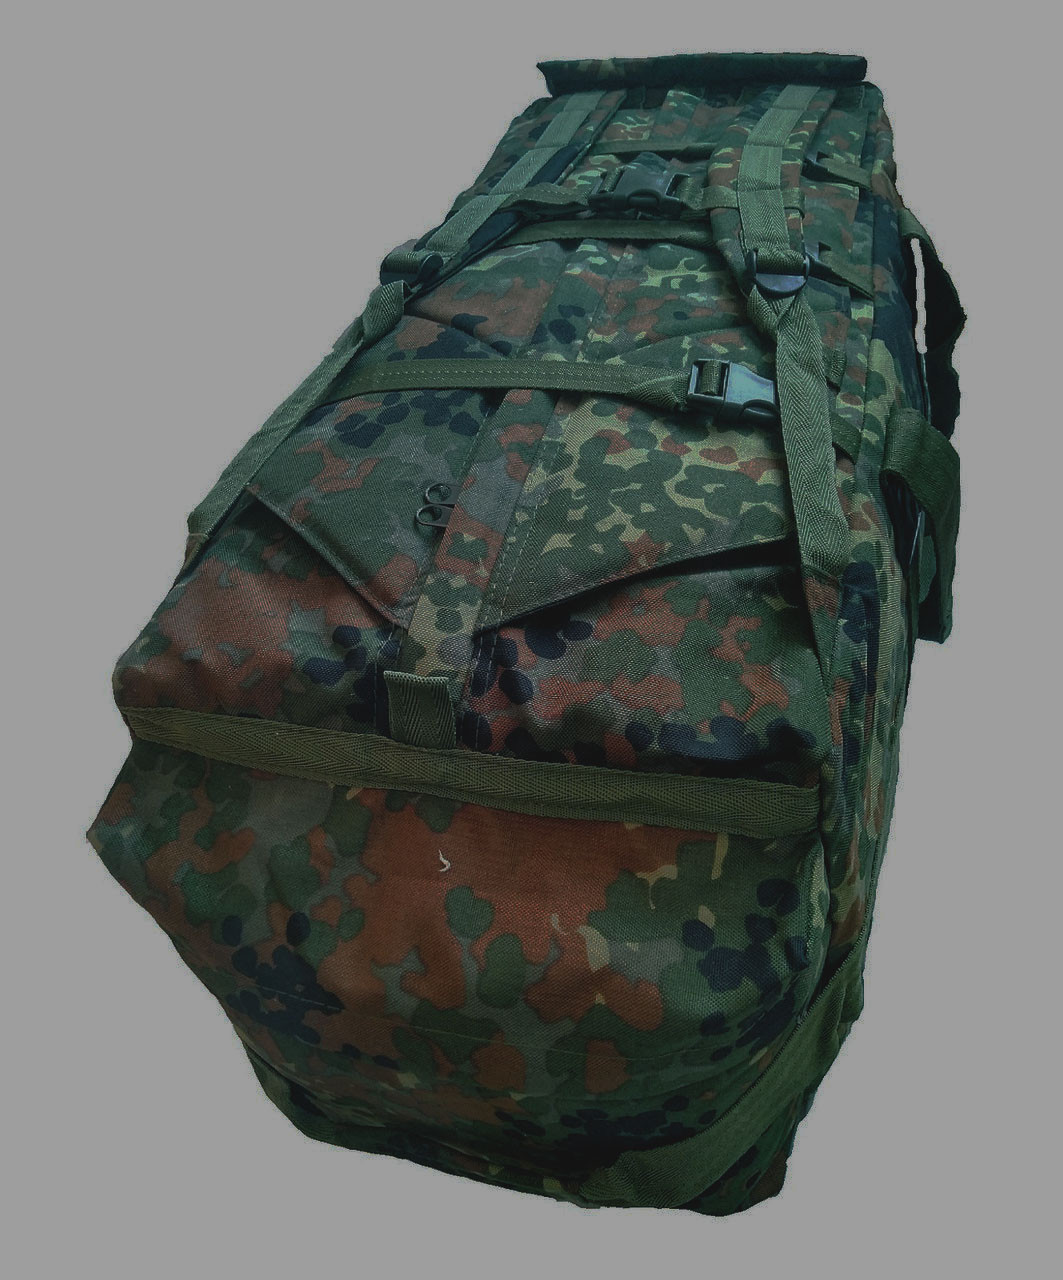 4b01cda5cf2f Сумка-рюкзак транспортная Британской армии 67к Flektarn 80 литров ...